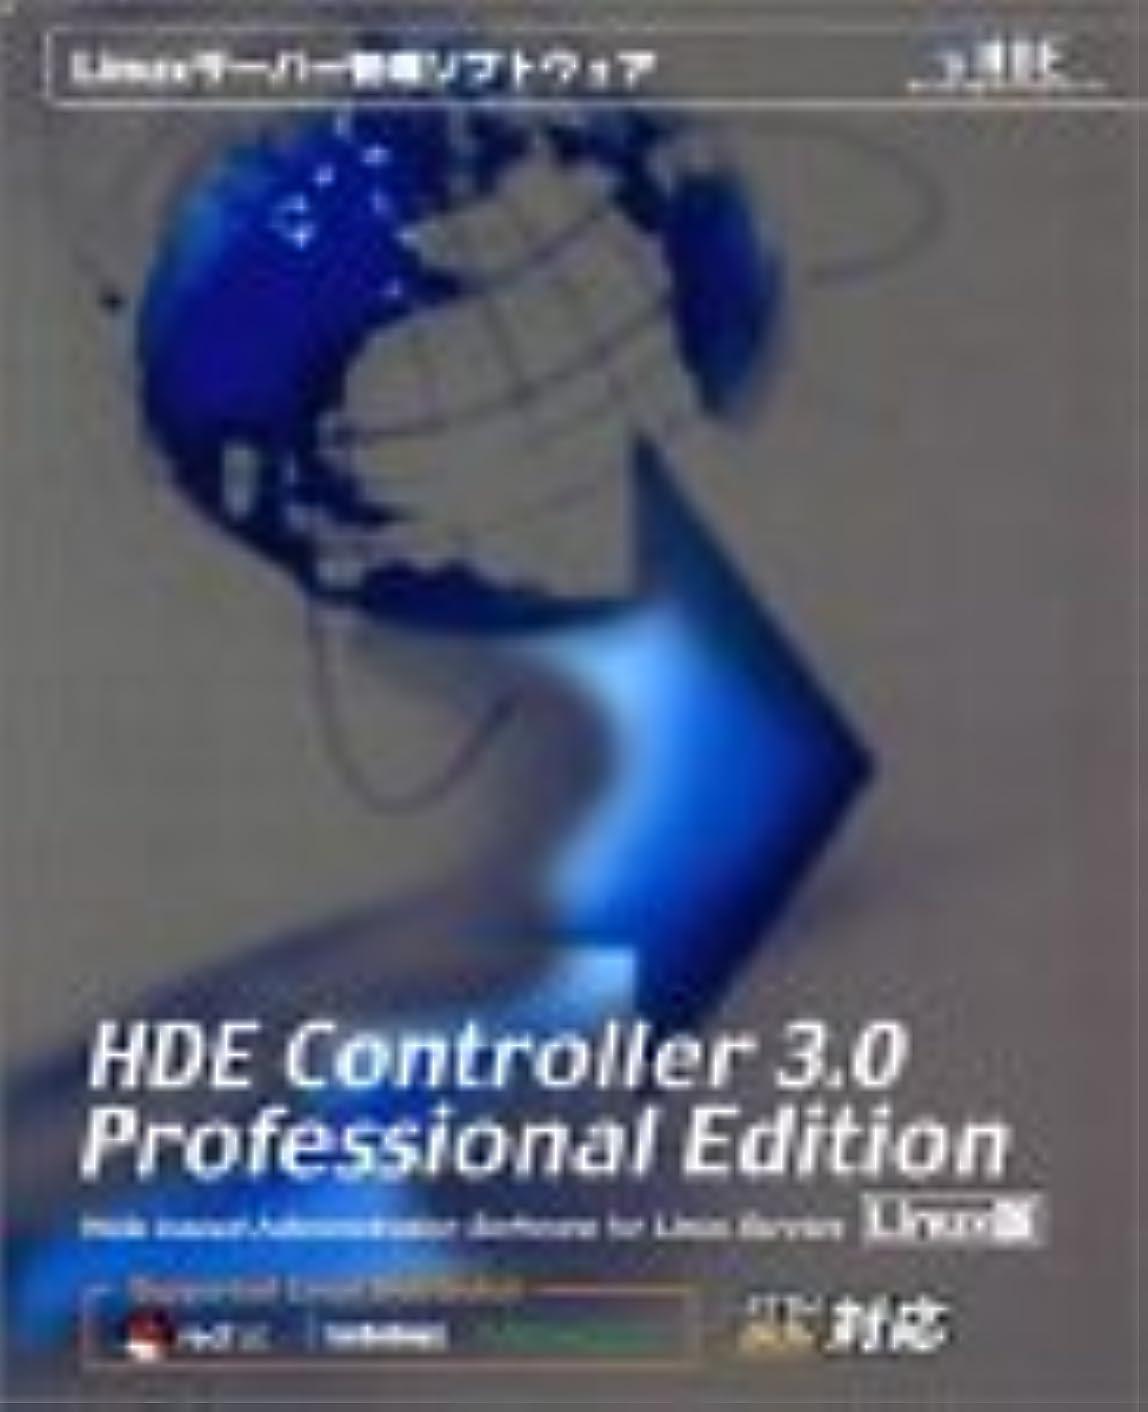 後ろにゲージ繁雑HDE Controller 3.0 Professional Edition Linux版